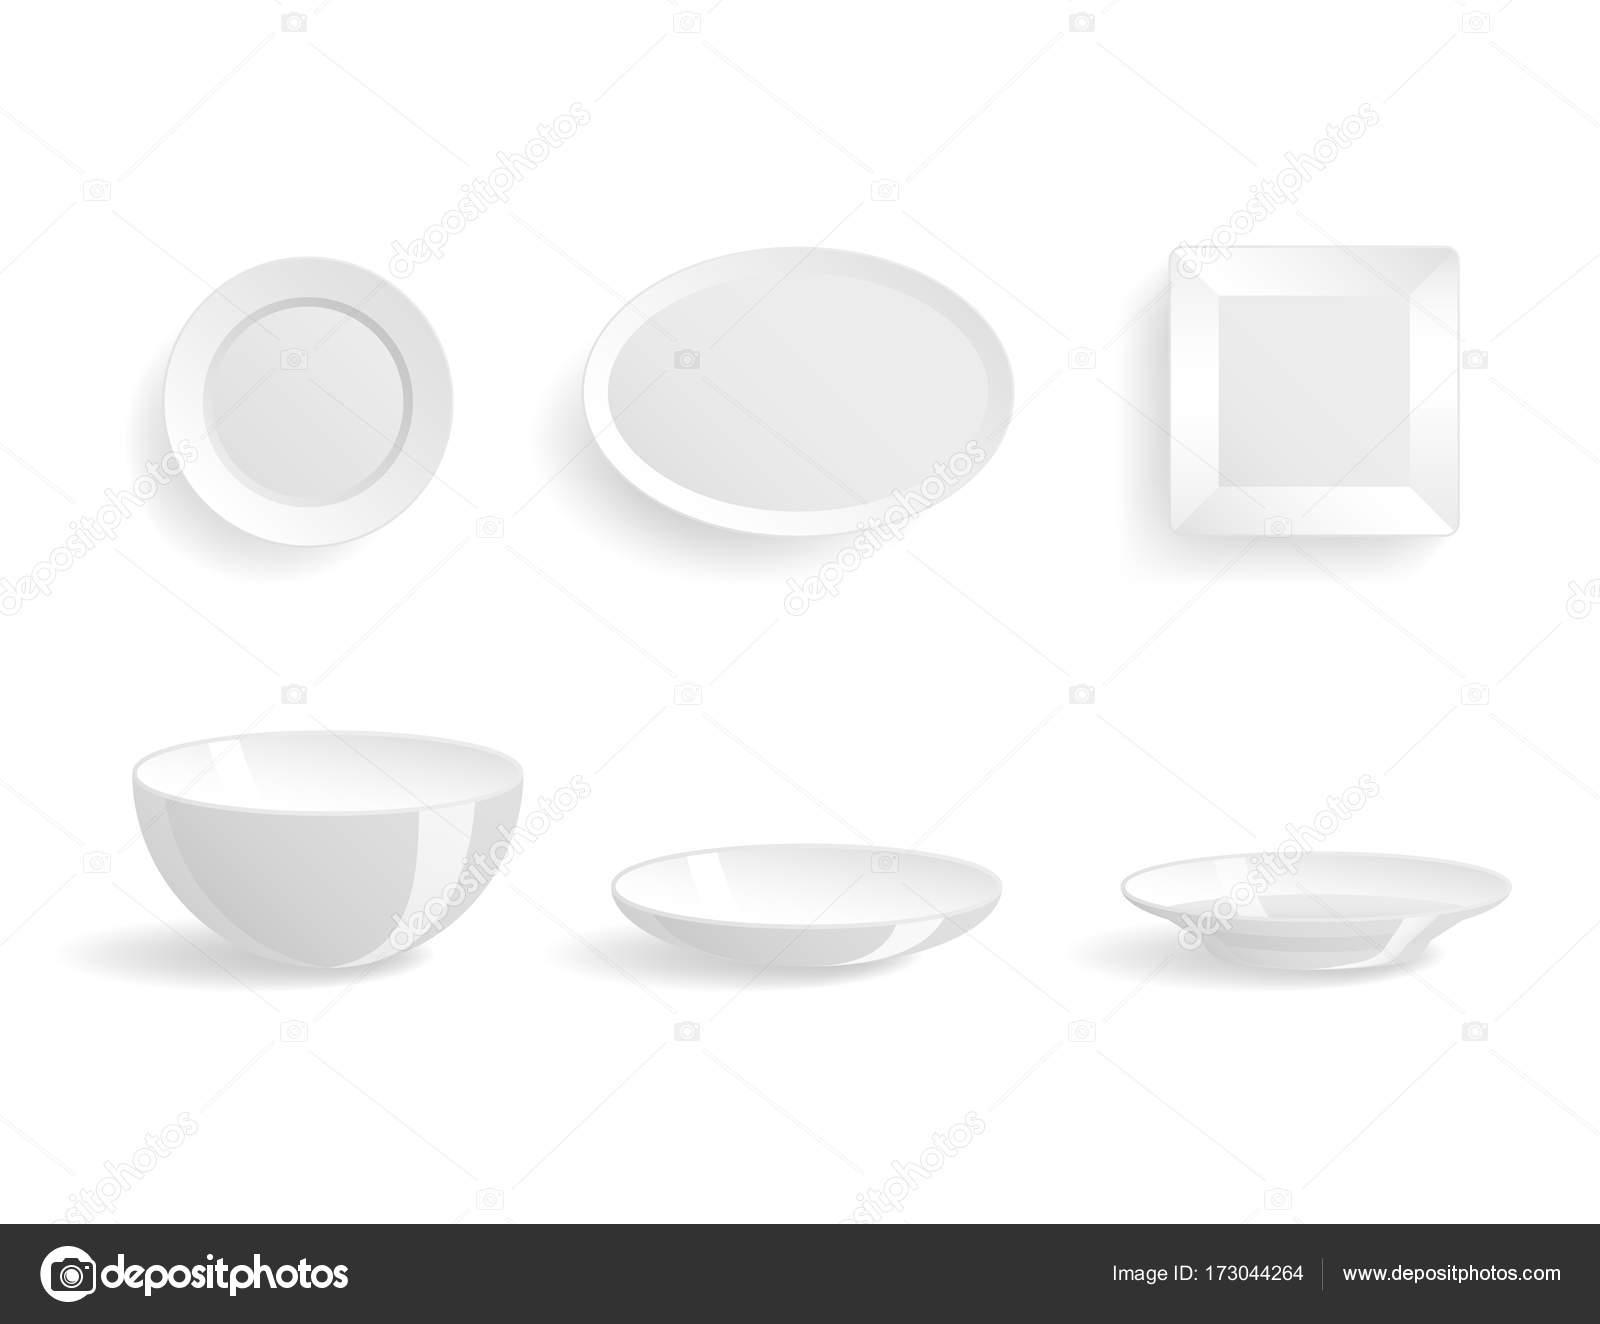 Leere weiße Teller set isoliert Vektor Illustration Vorlagen ...